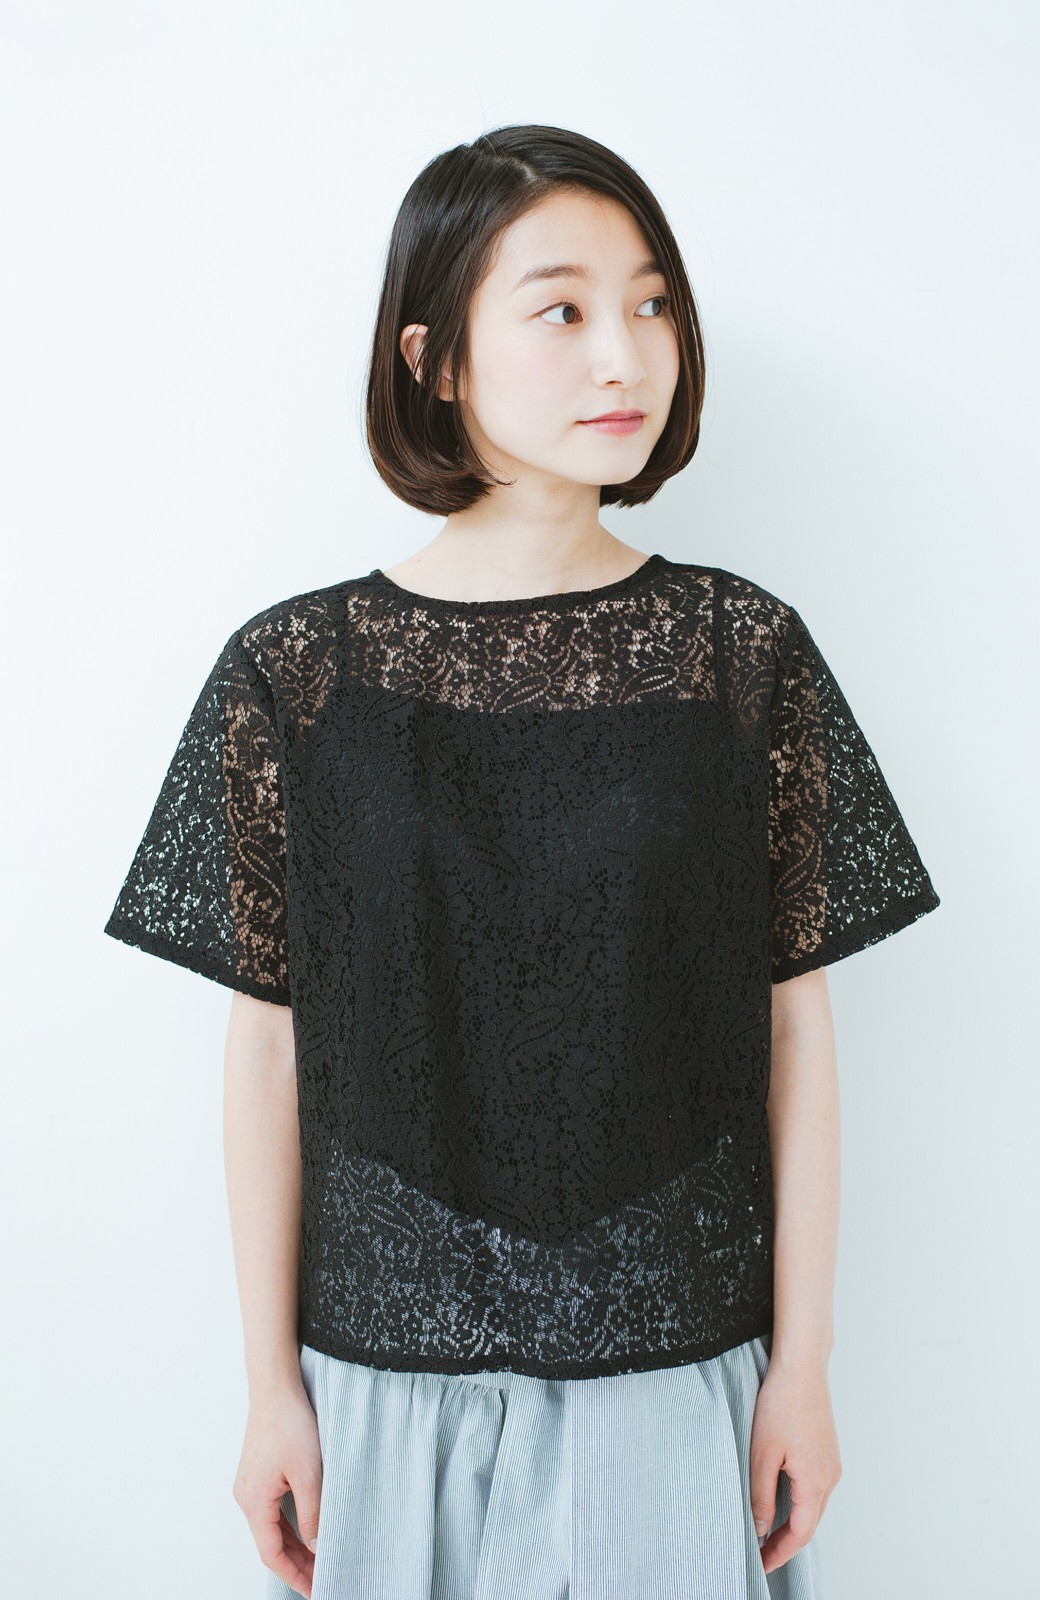 haco! いつものTシャツのかわりに着たい レースTブラウスとキャミソールセット <ブラック>の商品写真8